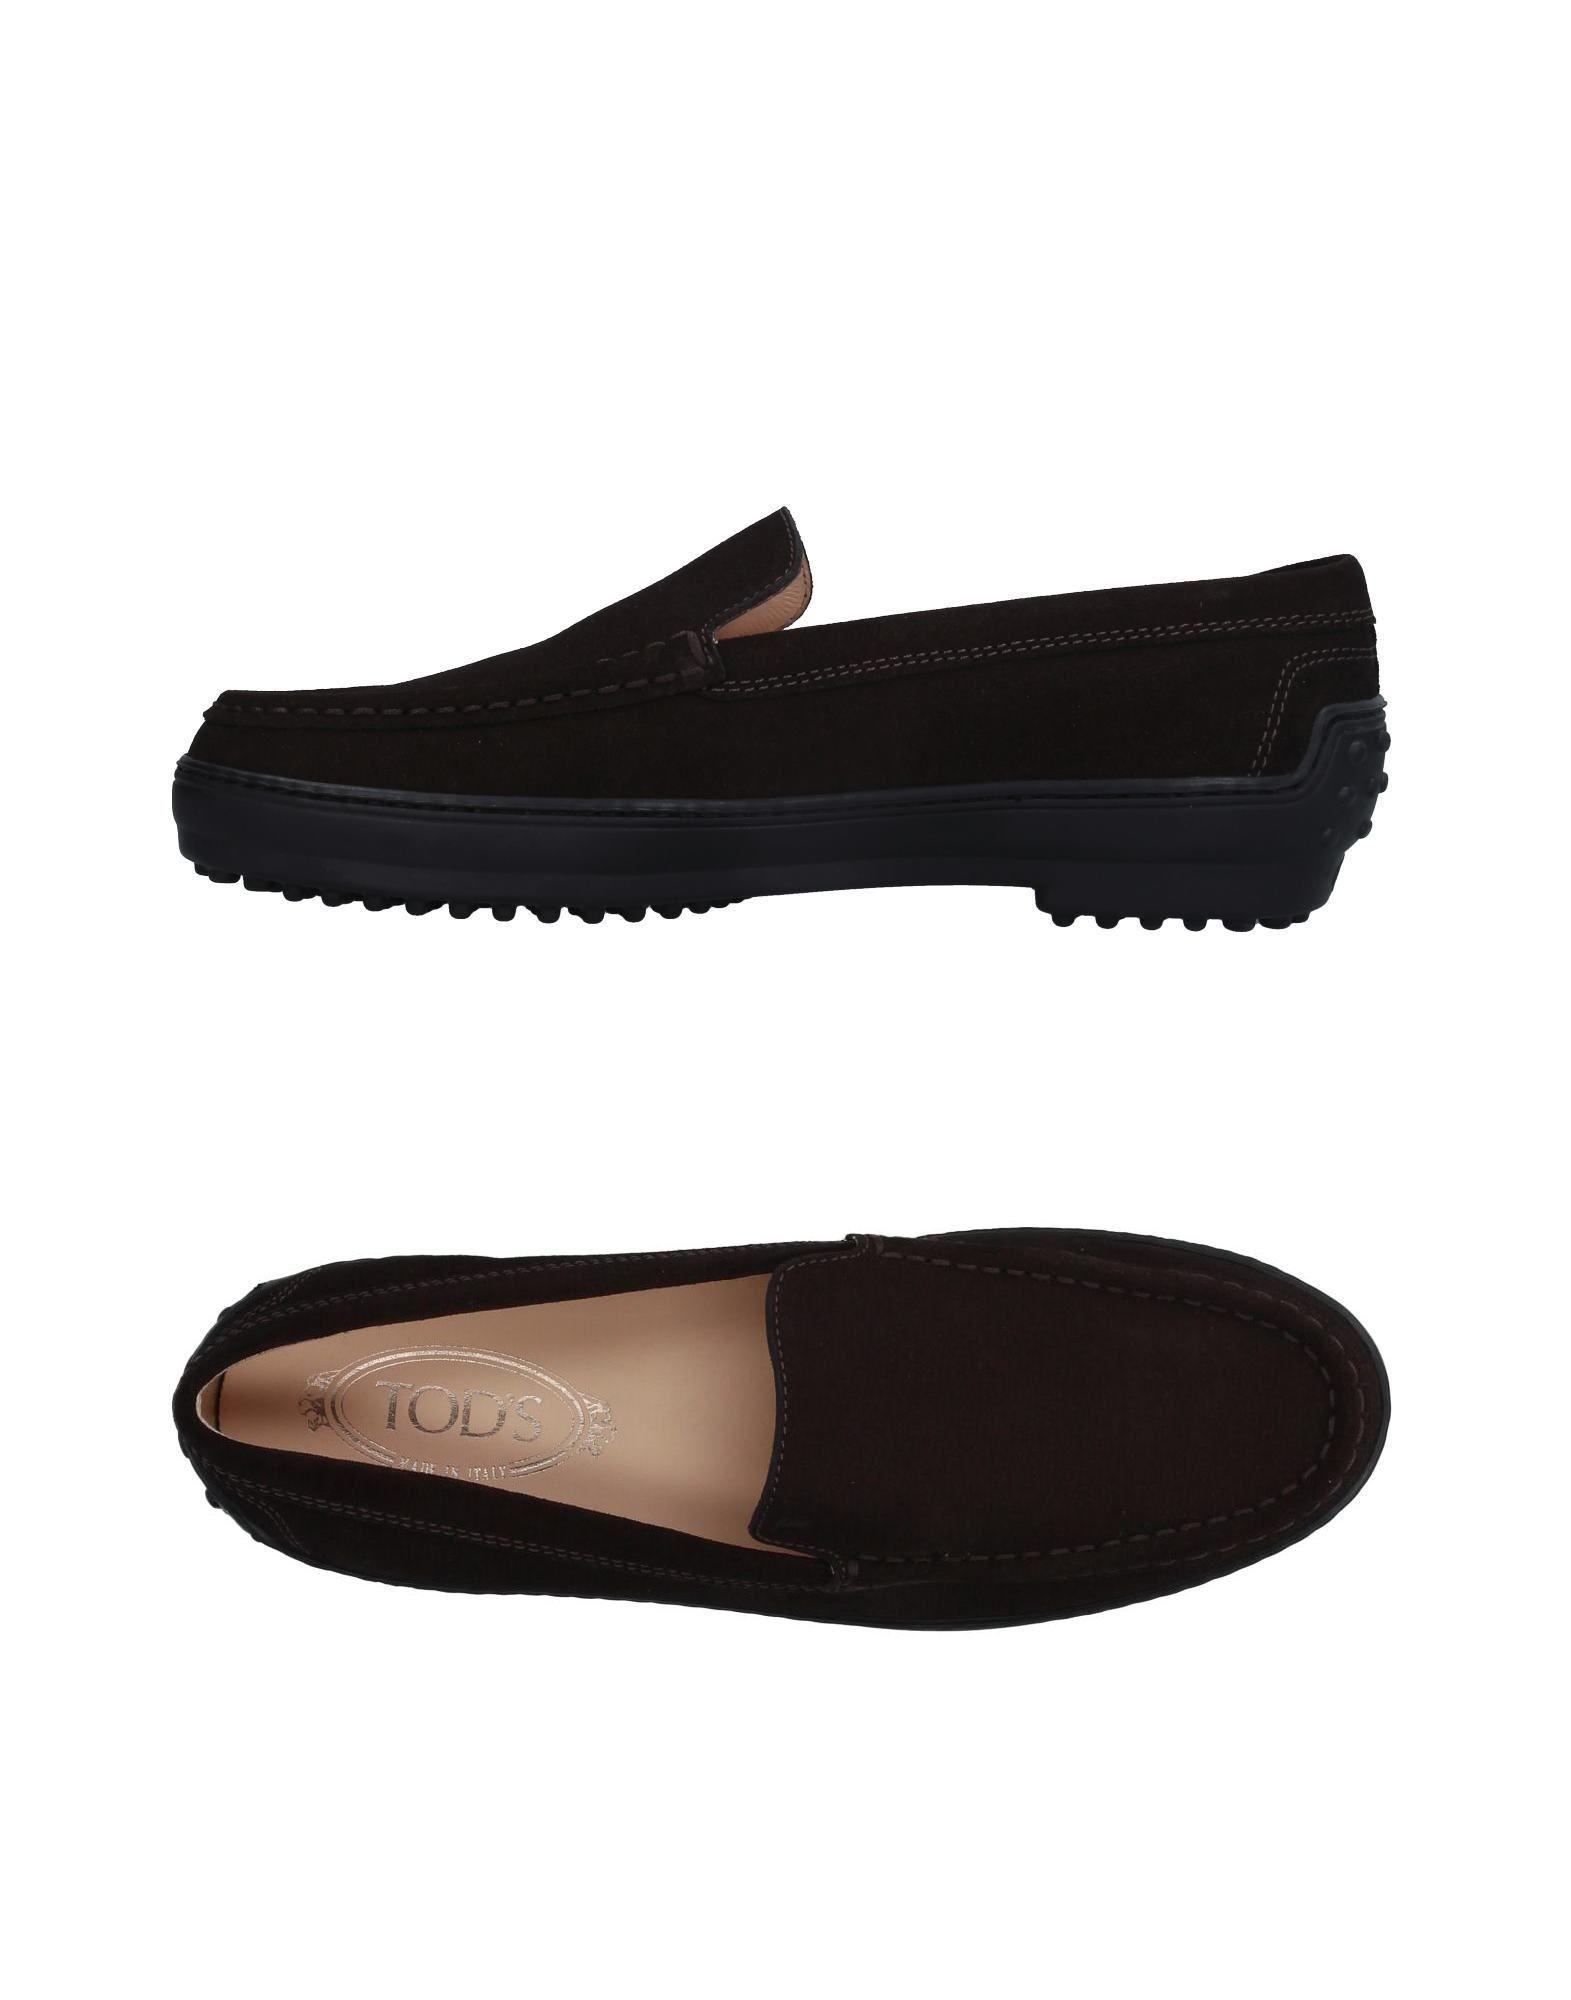 Tod's Mokassins Damen  11300038LDGut aussehende strapazierfähige Schuhe